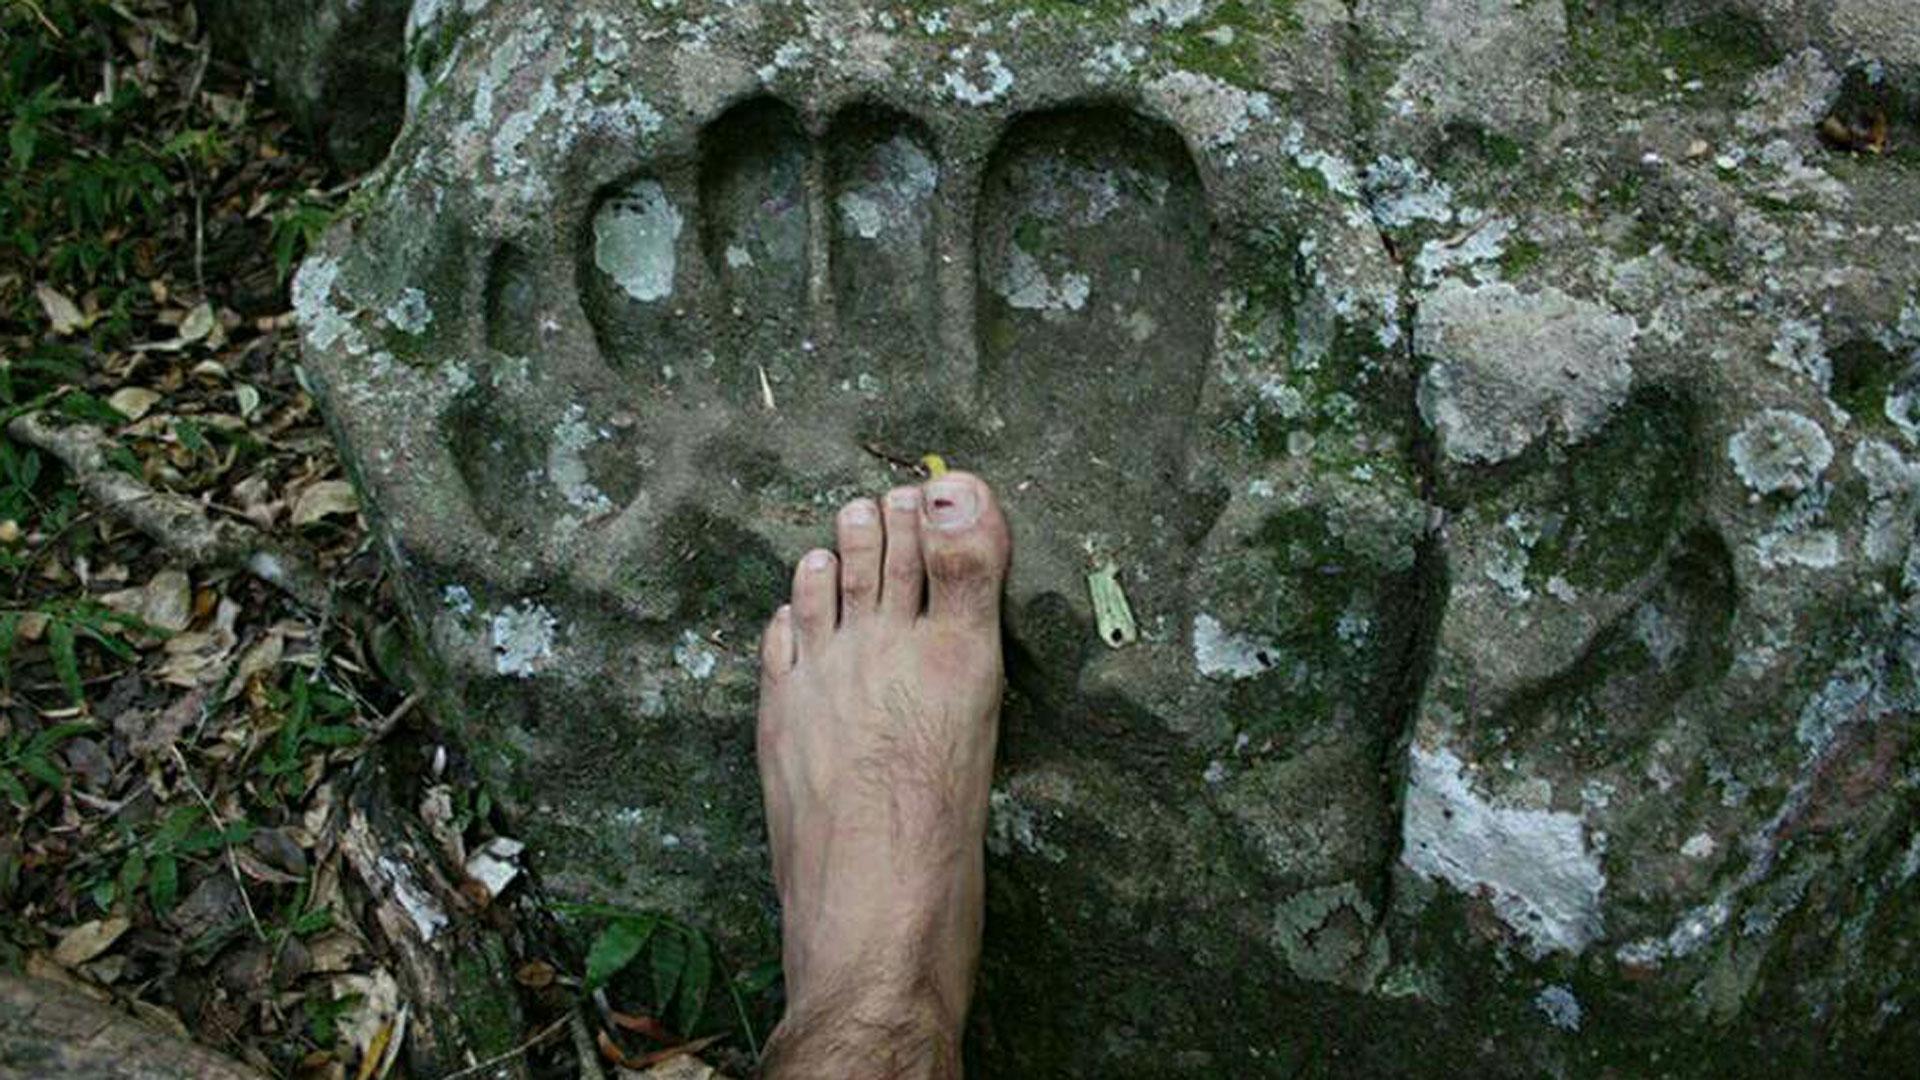 Fußabdruck eines Riesen in versteinertem Schlamm.